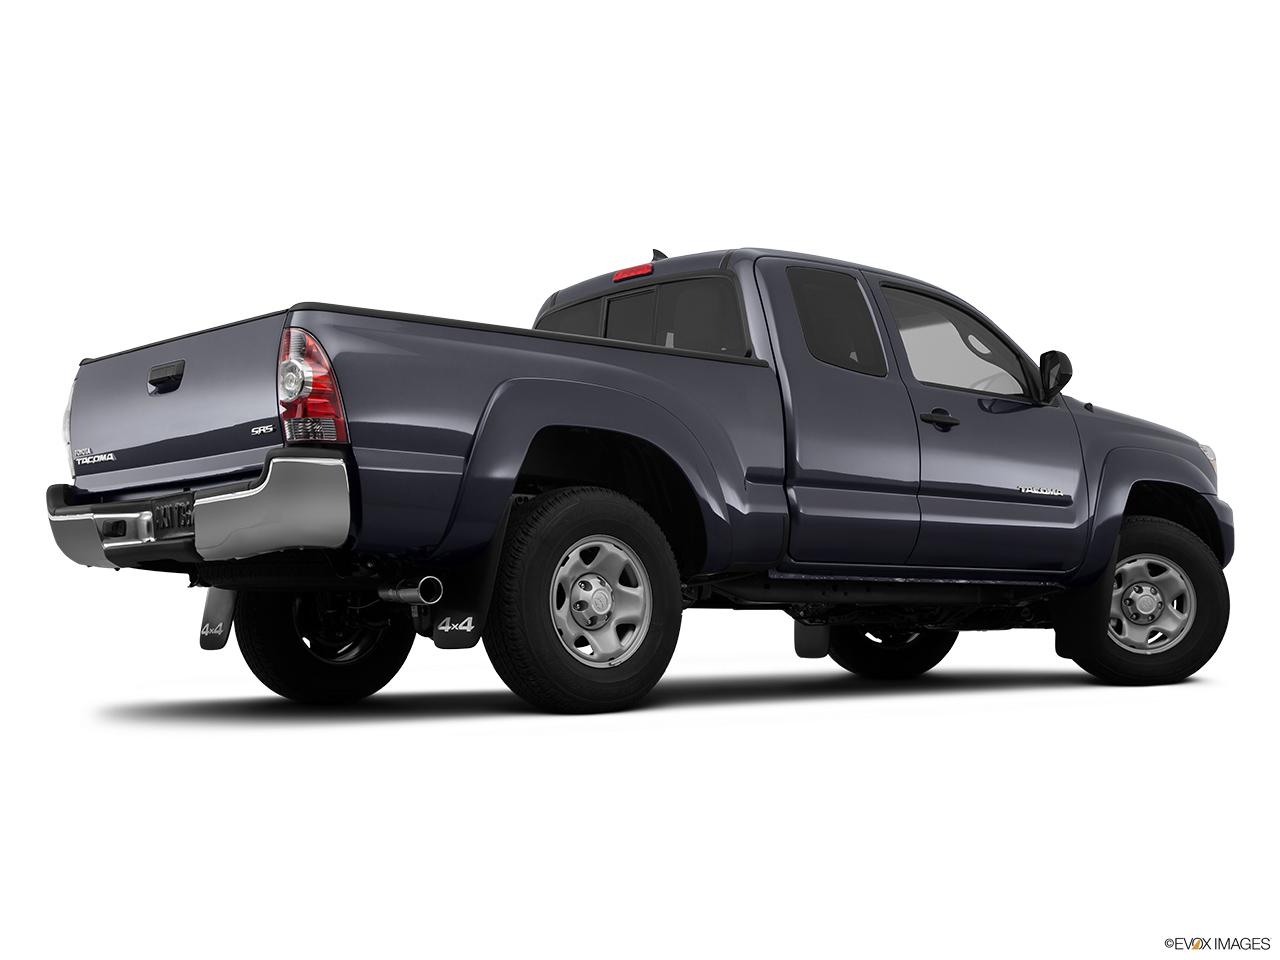 2015 Toyota Tacoma 4WD Access Cab I4 MT - Front angle